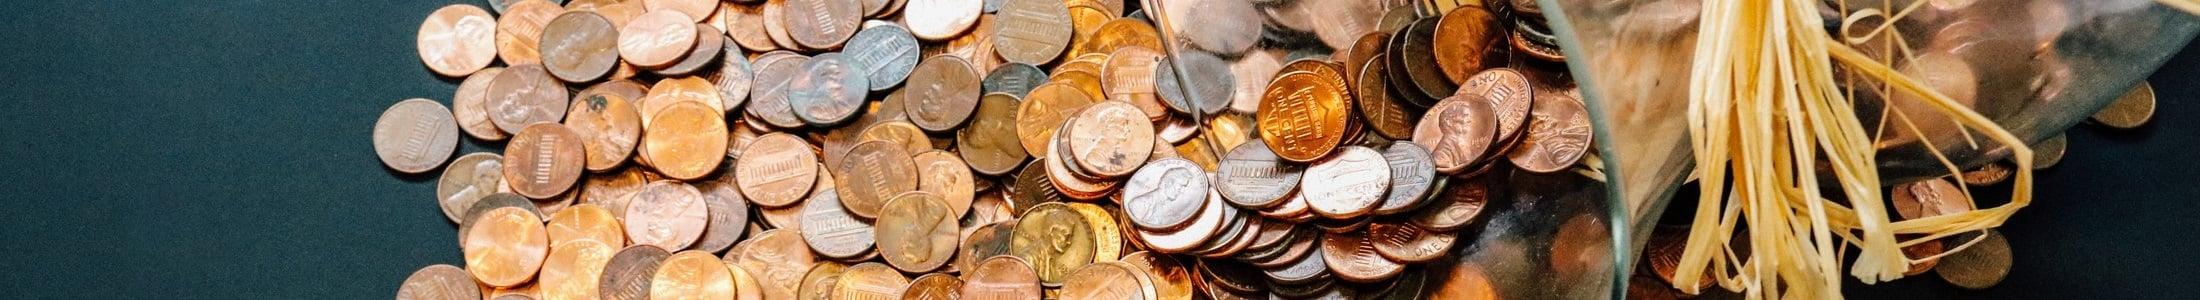 Coste de sistemas de búsqueda empresarial